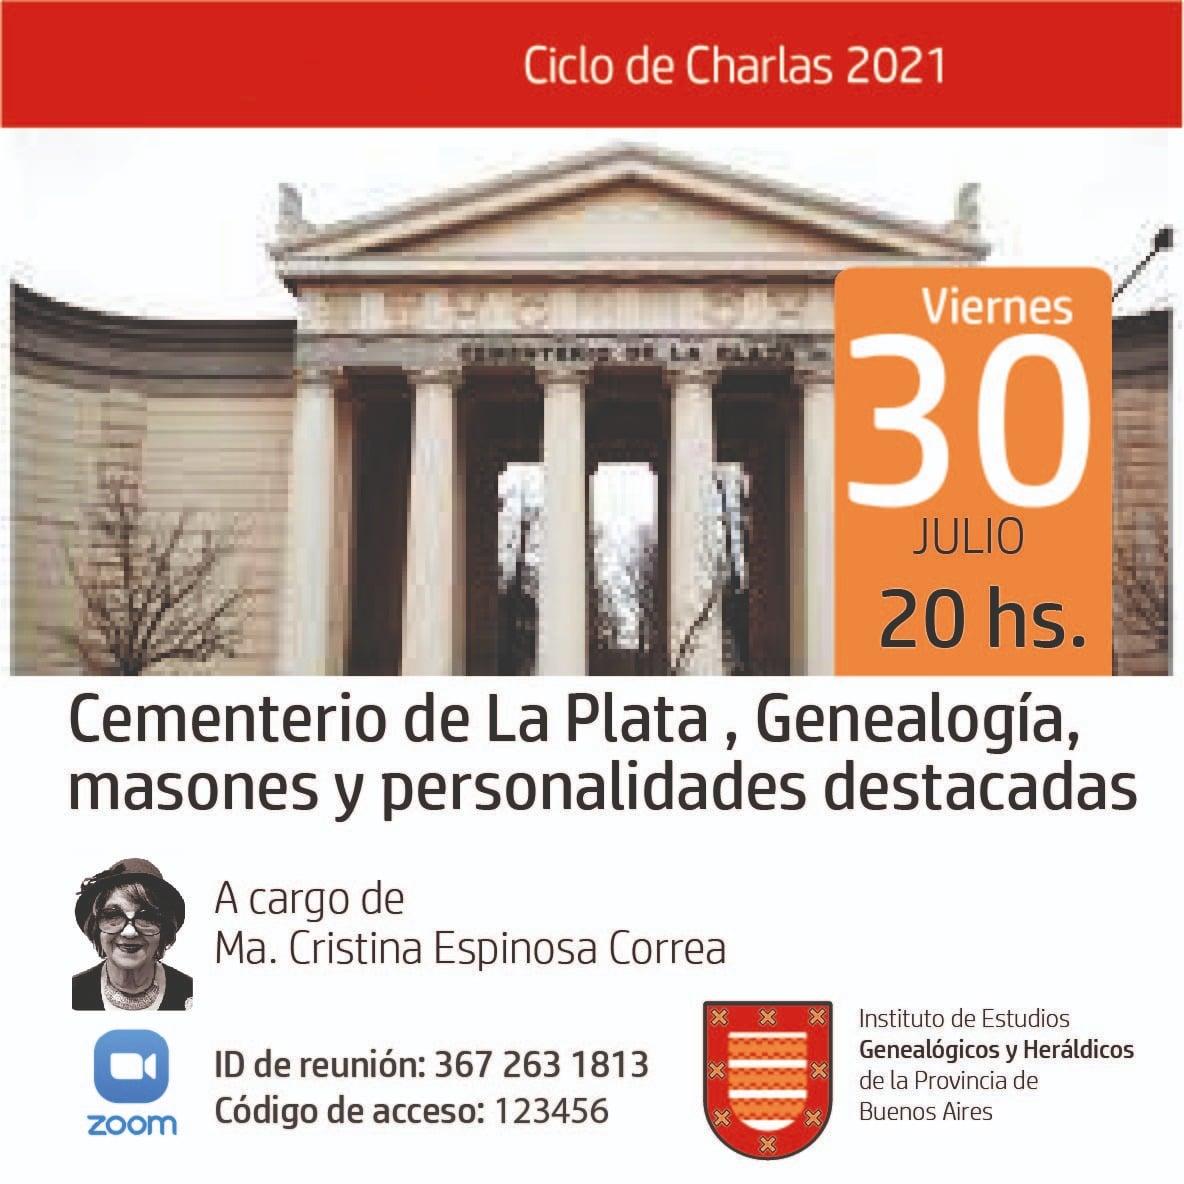 Cementerio de La Plata, Genealogía, masones y personalidades destacadas